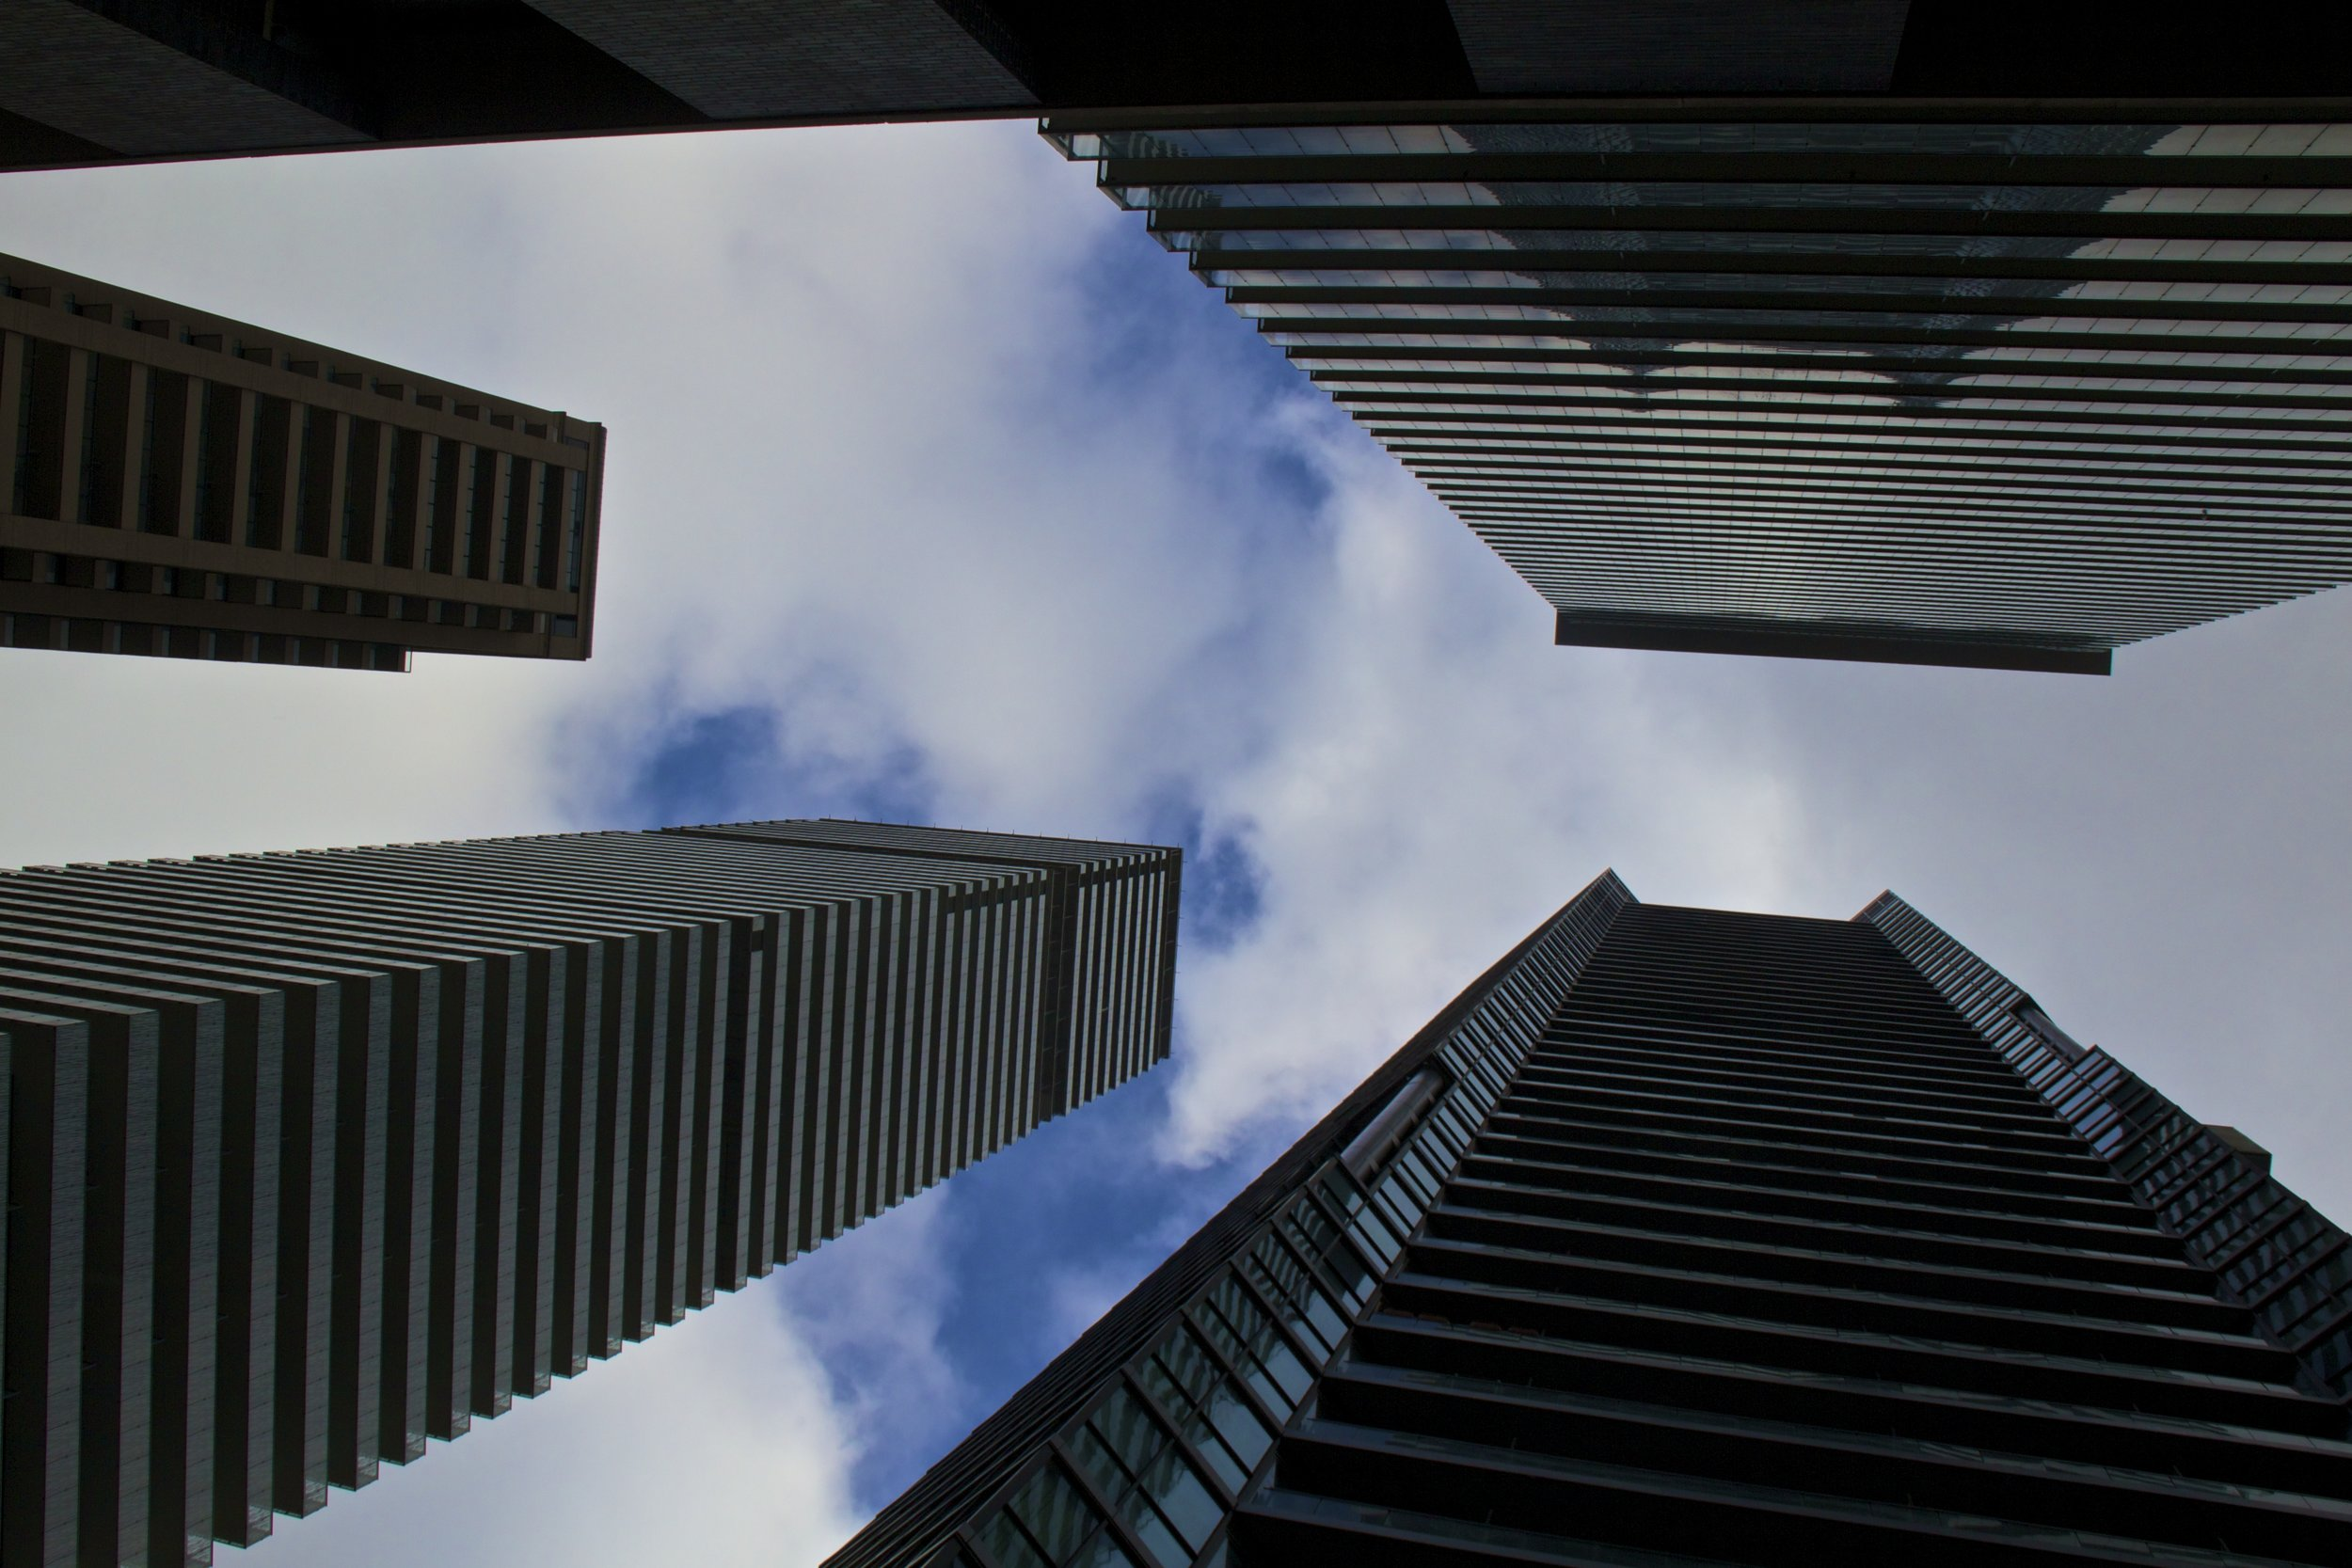 toronto downtown financial district 11.jpg